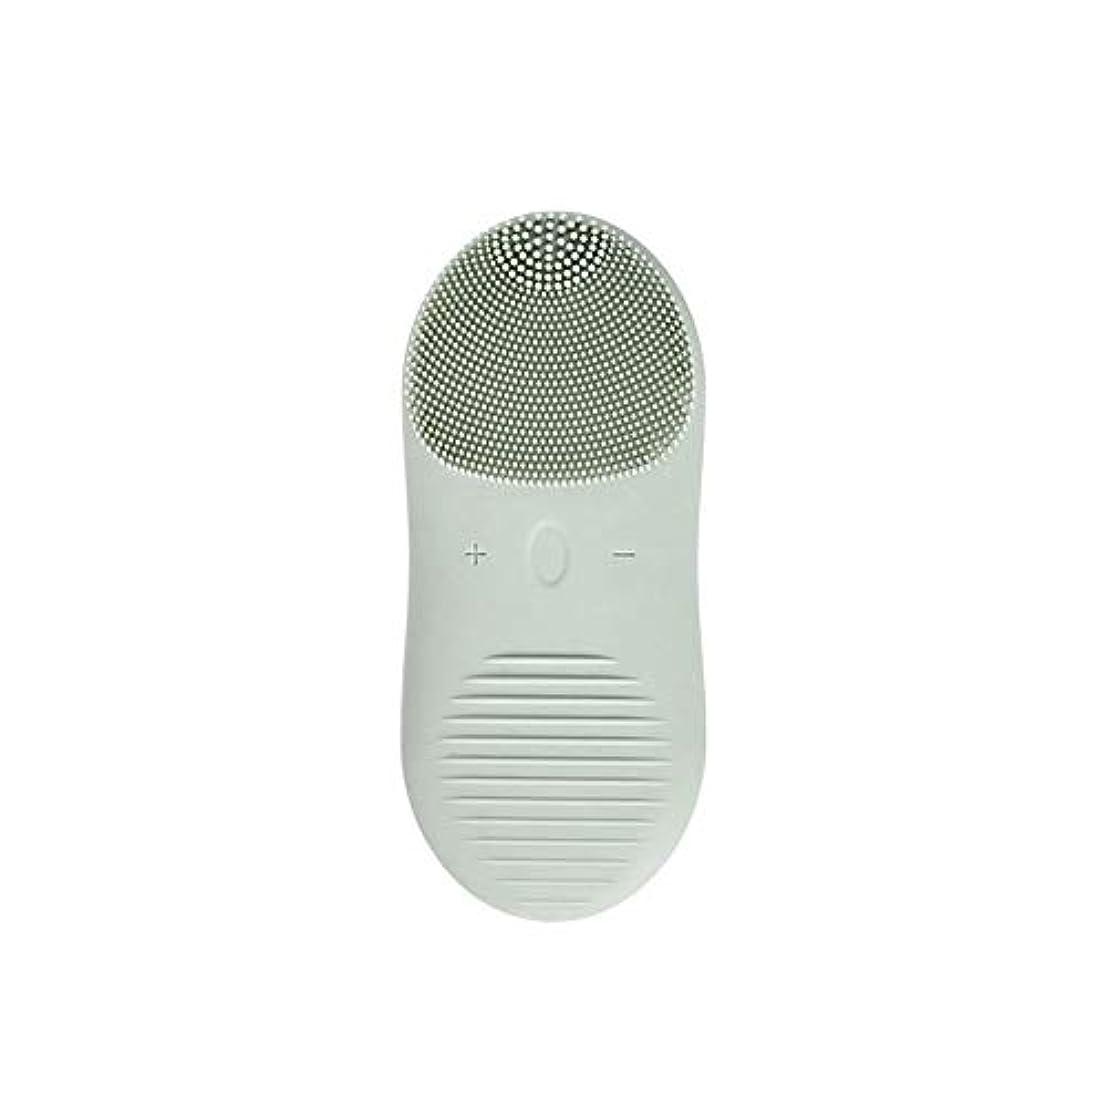 カリキュラム形状パリティZXF 新しい電気技師シリコーンクレンジングブラシ防水超音波振動クレンジング楽器USB充電マッサージ器具美容器具 滑らかである (色 : Green)